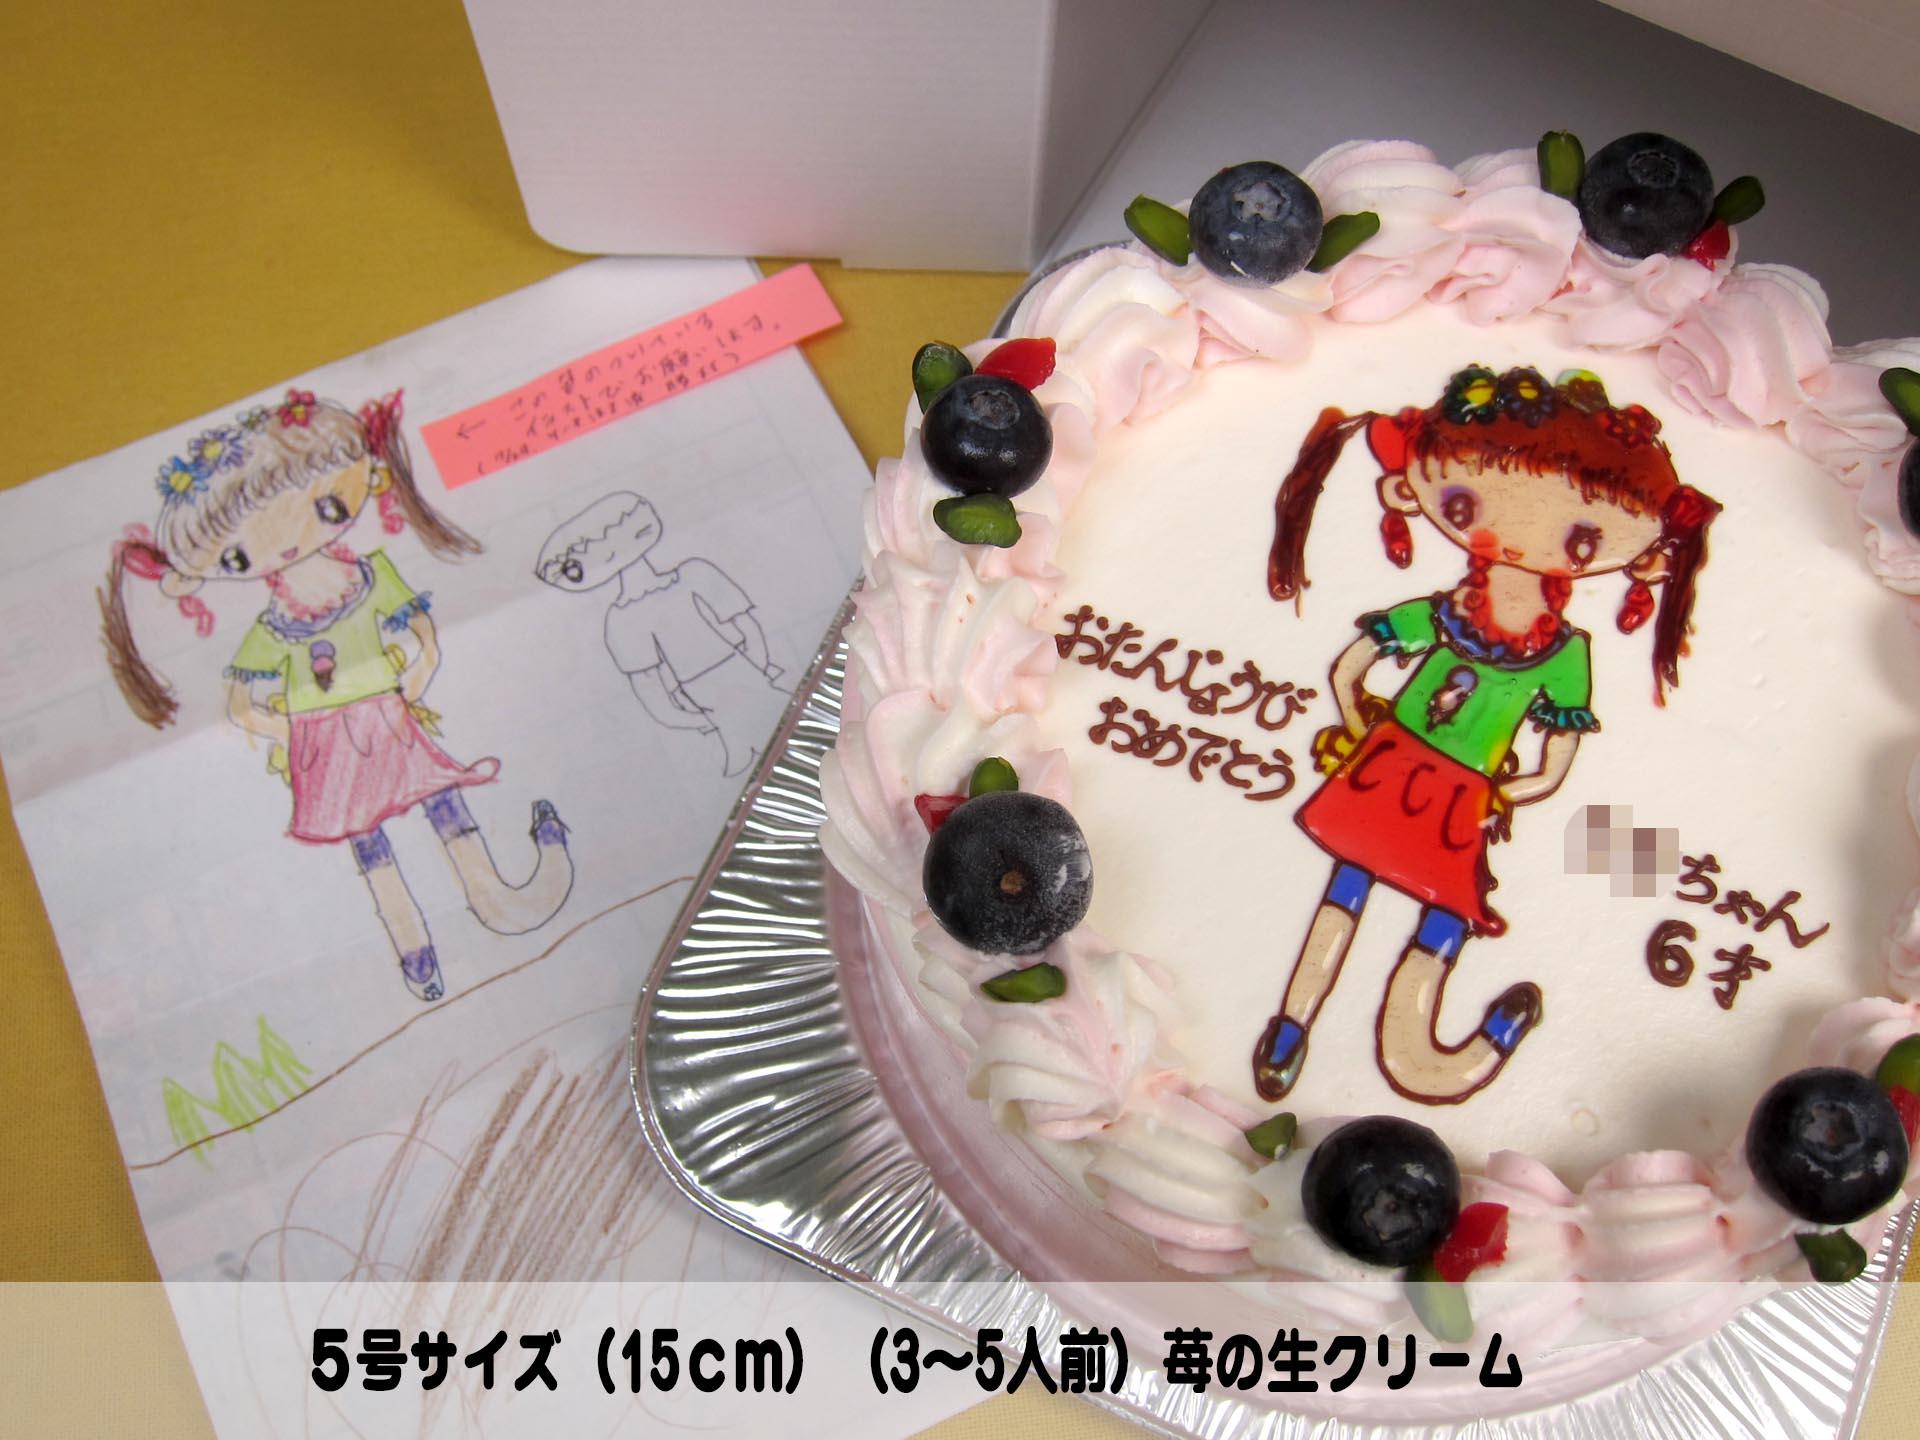 パティシエとコラボ 似顔絵デコレーションケーキ